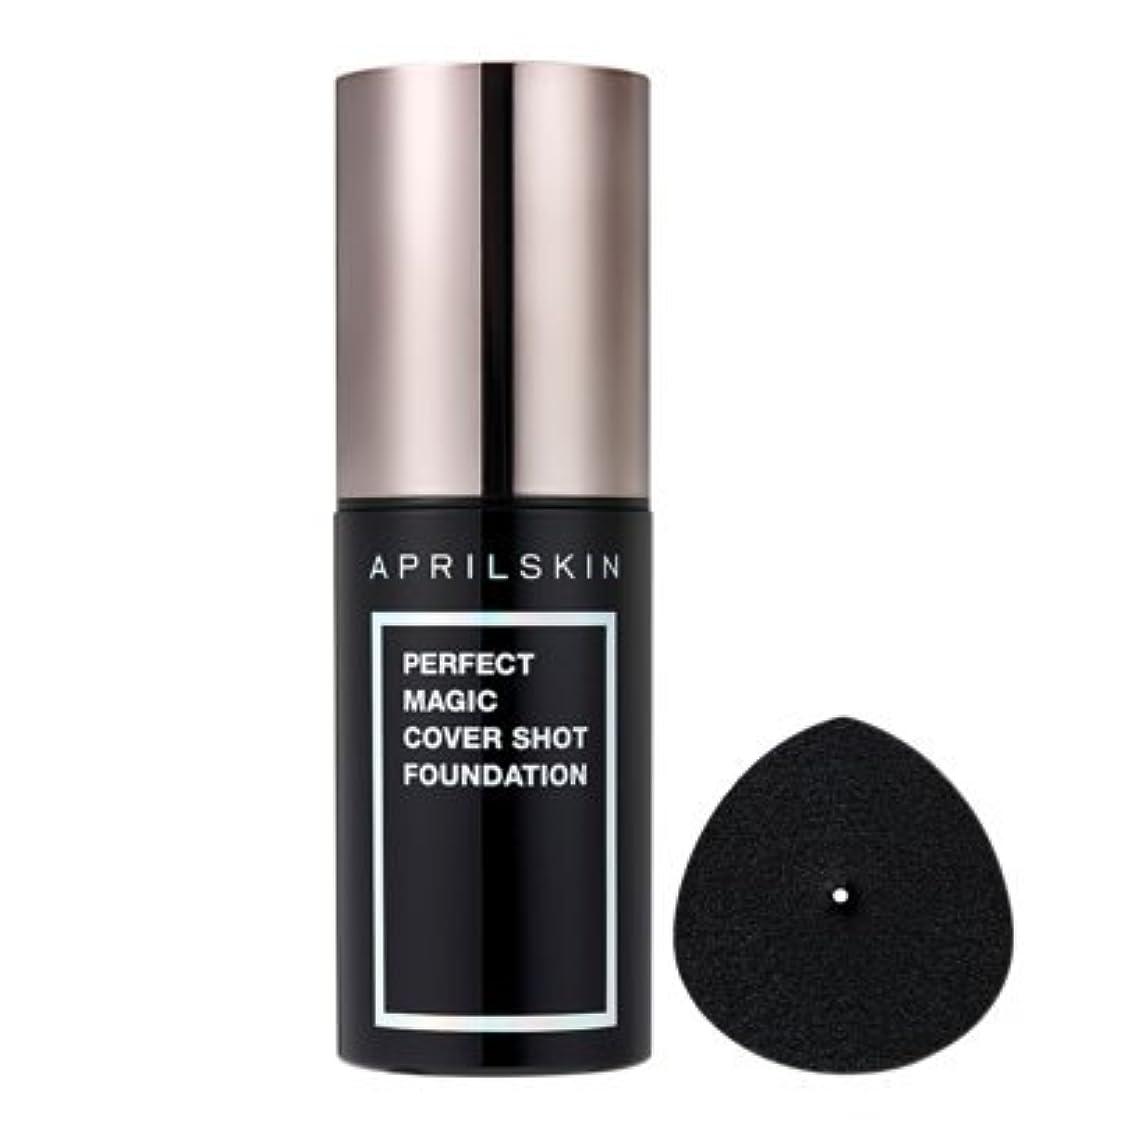 バーガー唇ステレオタイプ[APRILSKIN] エイプリルスキンパーフェクトマジックカバーショットファンデーション 30g SPF20 PA++/APRILSKIN PERFECT MAGIC COVER SHOT FOUNDATION 1.05...